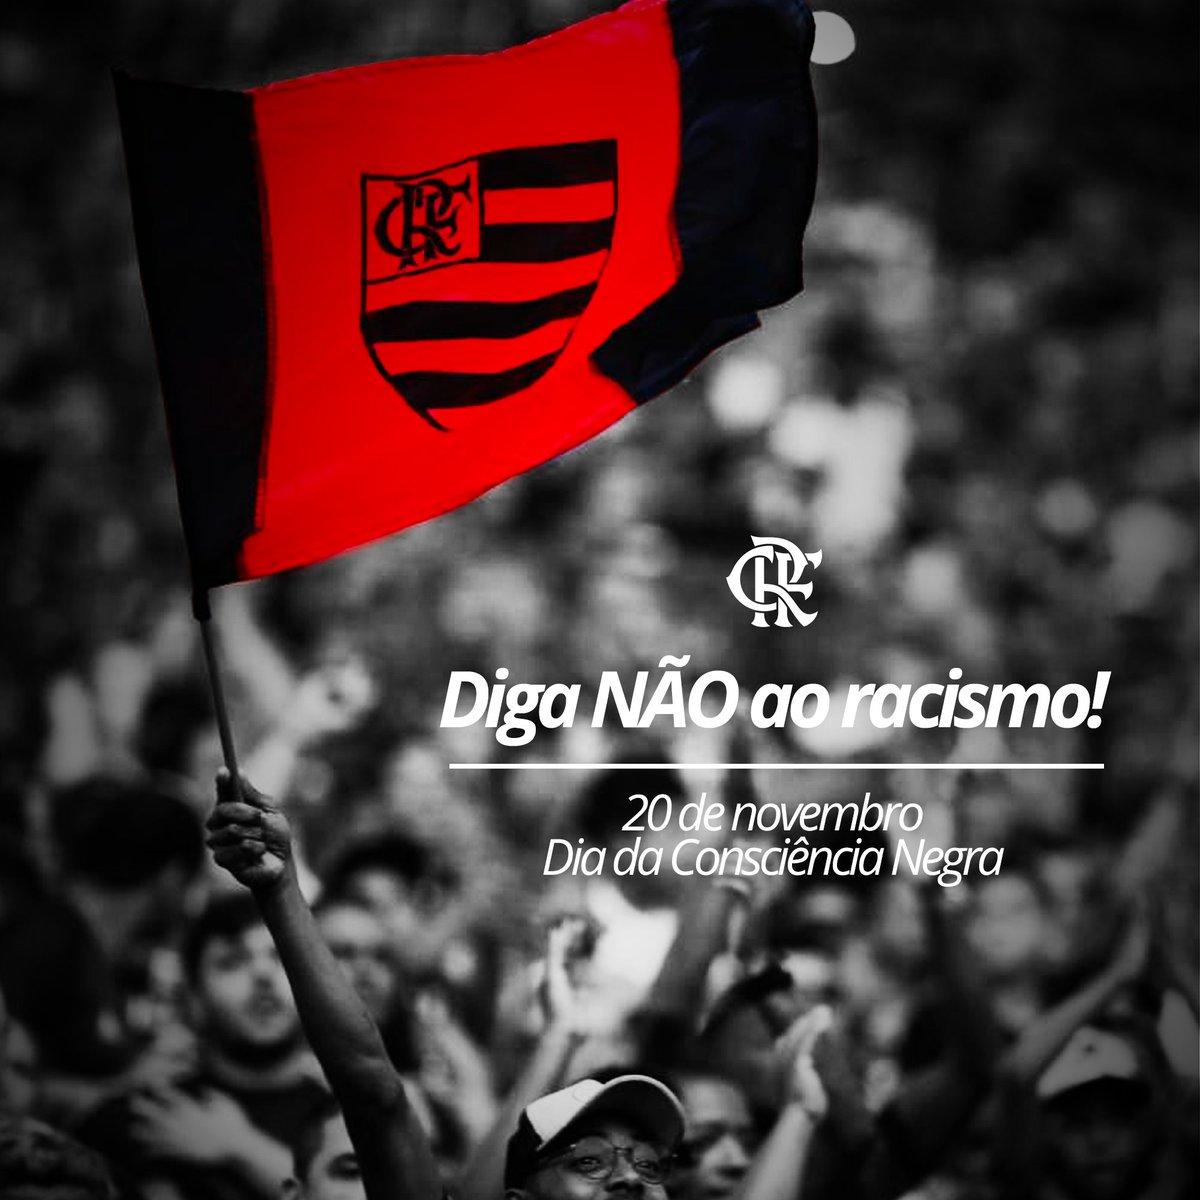 Dia de lembrar que somos todos iguais. Temos a mesma paixão. Em nossas veias, corre o mesmo sangue Rubro-Negro. Somos todos Flamengo!  #CRF